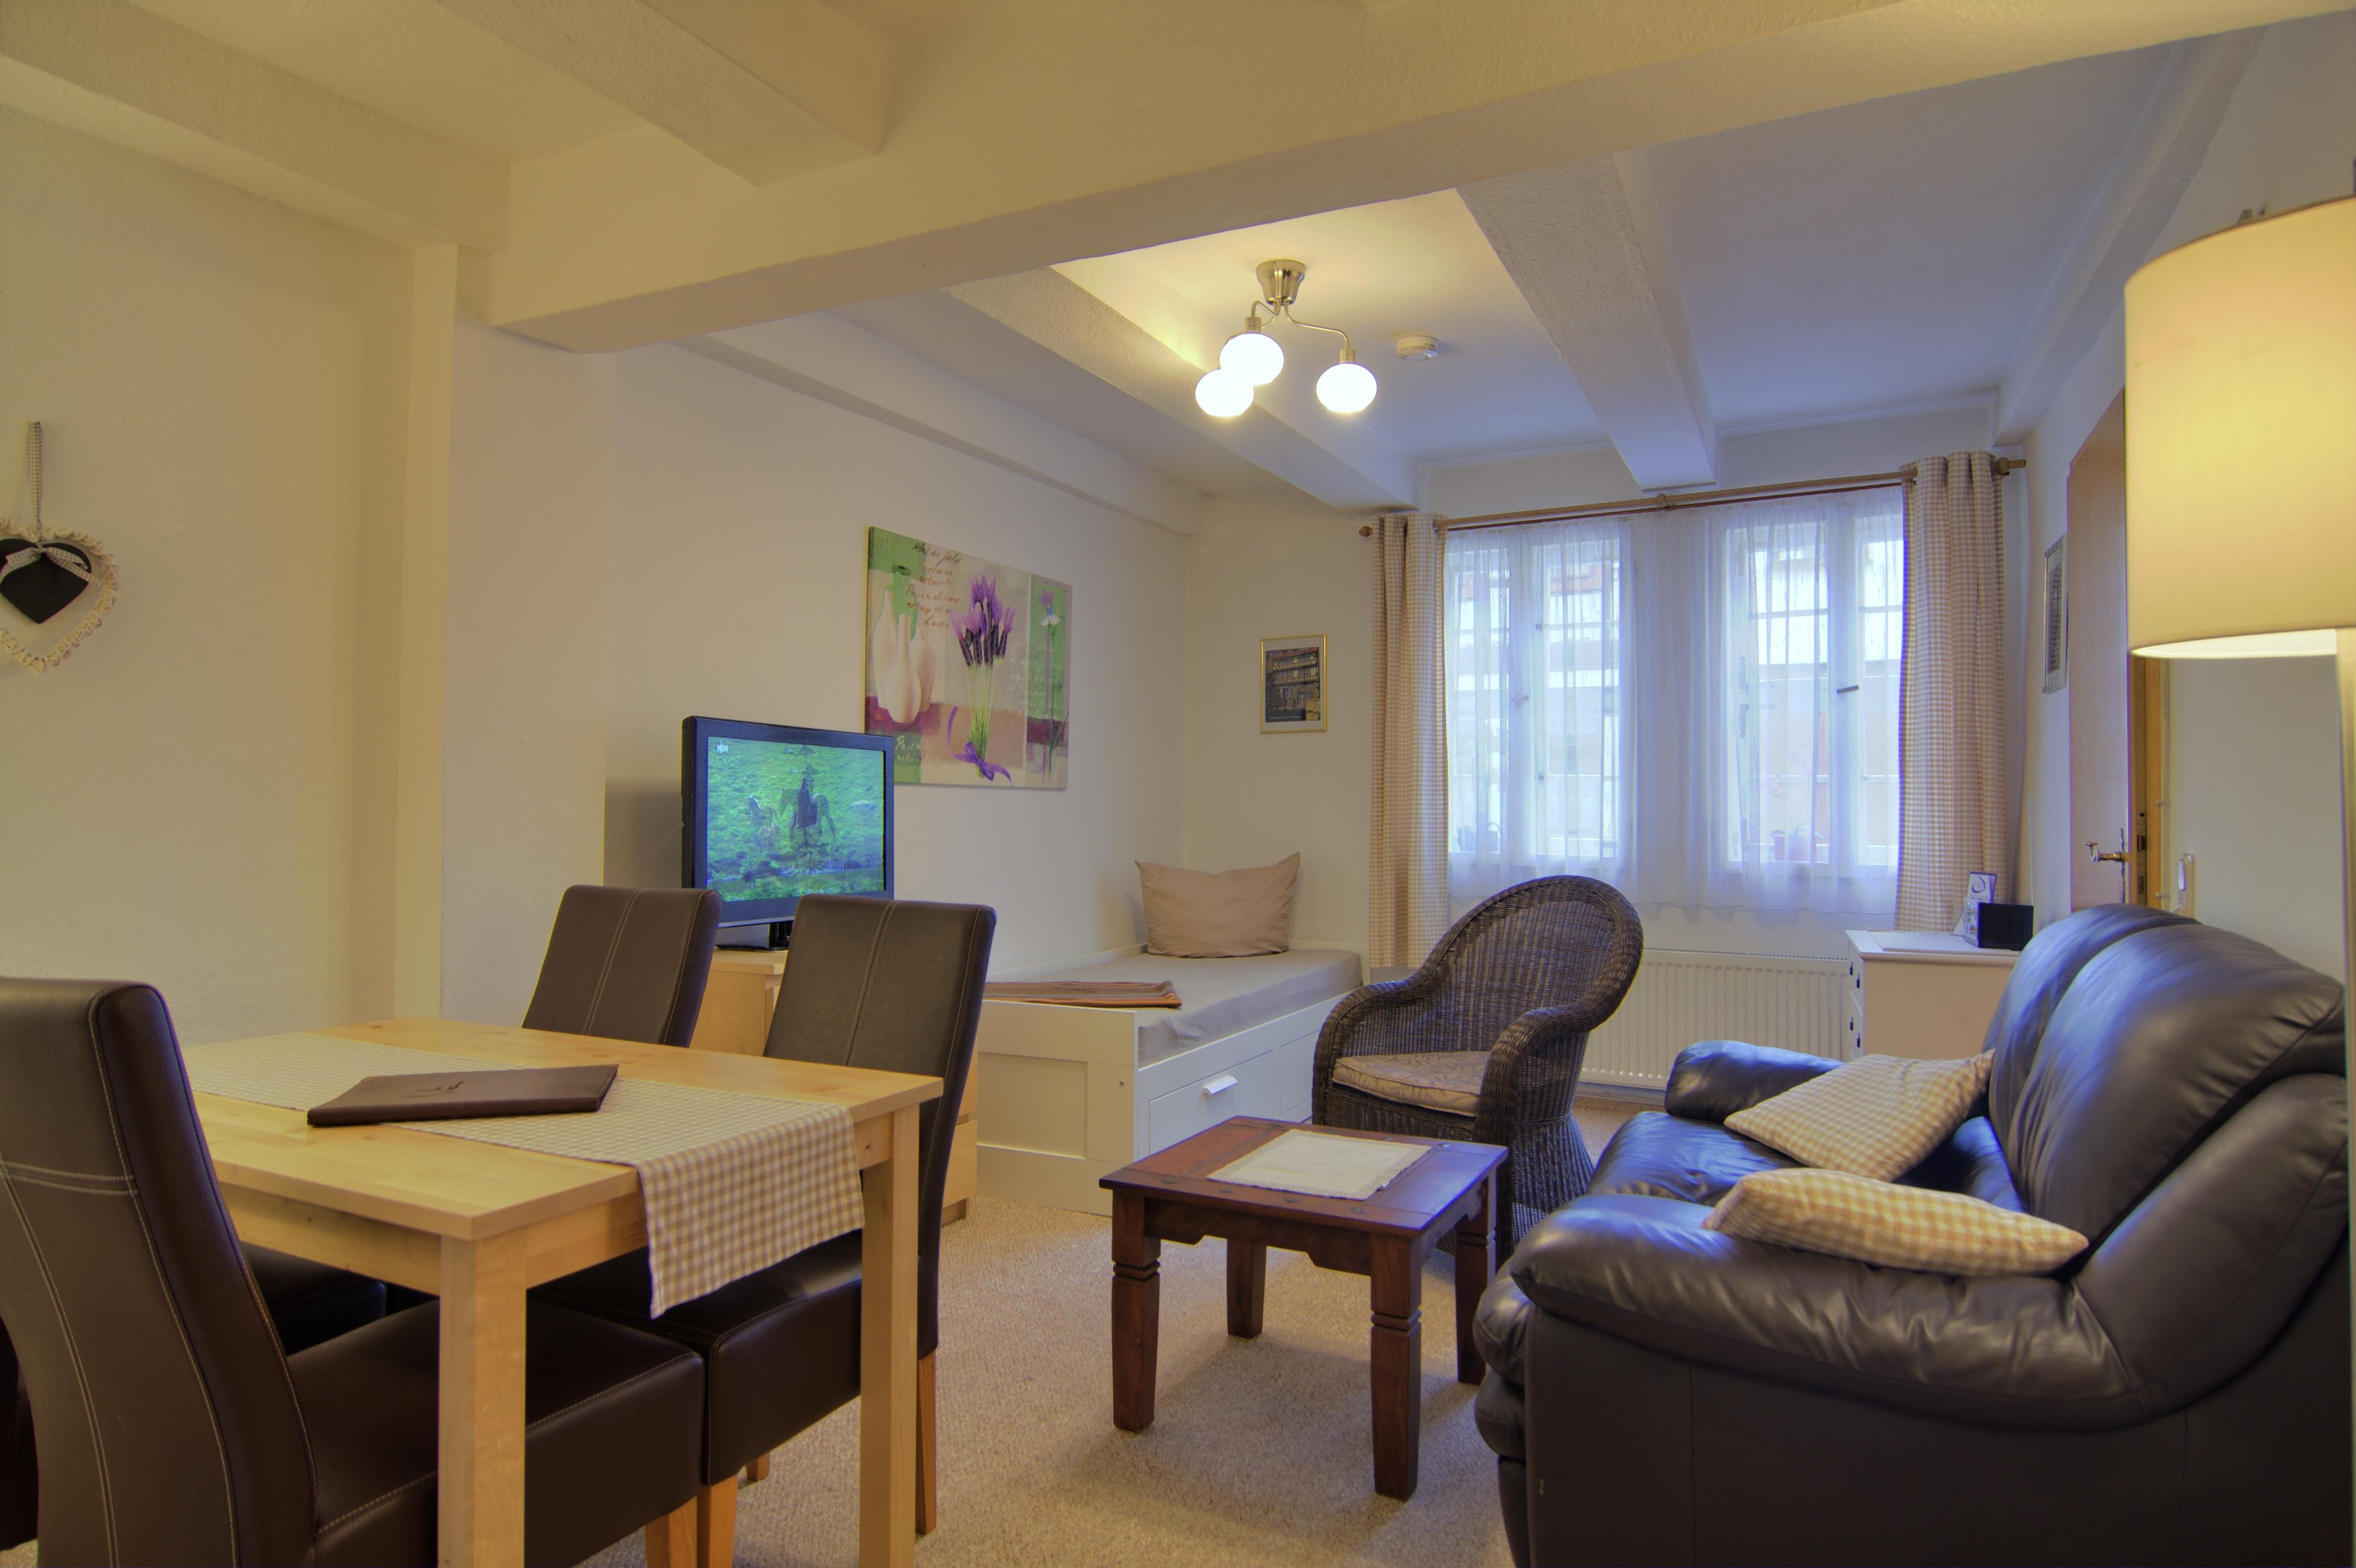 Essecke, Fernseher, Tagesbett, Sofatisch, Sessel, Sofa, Fenster